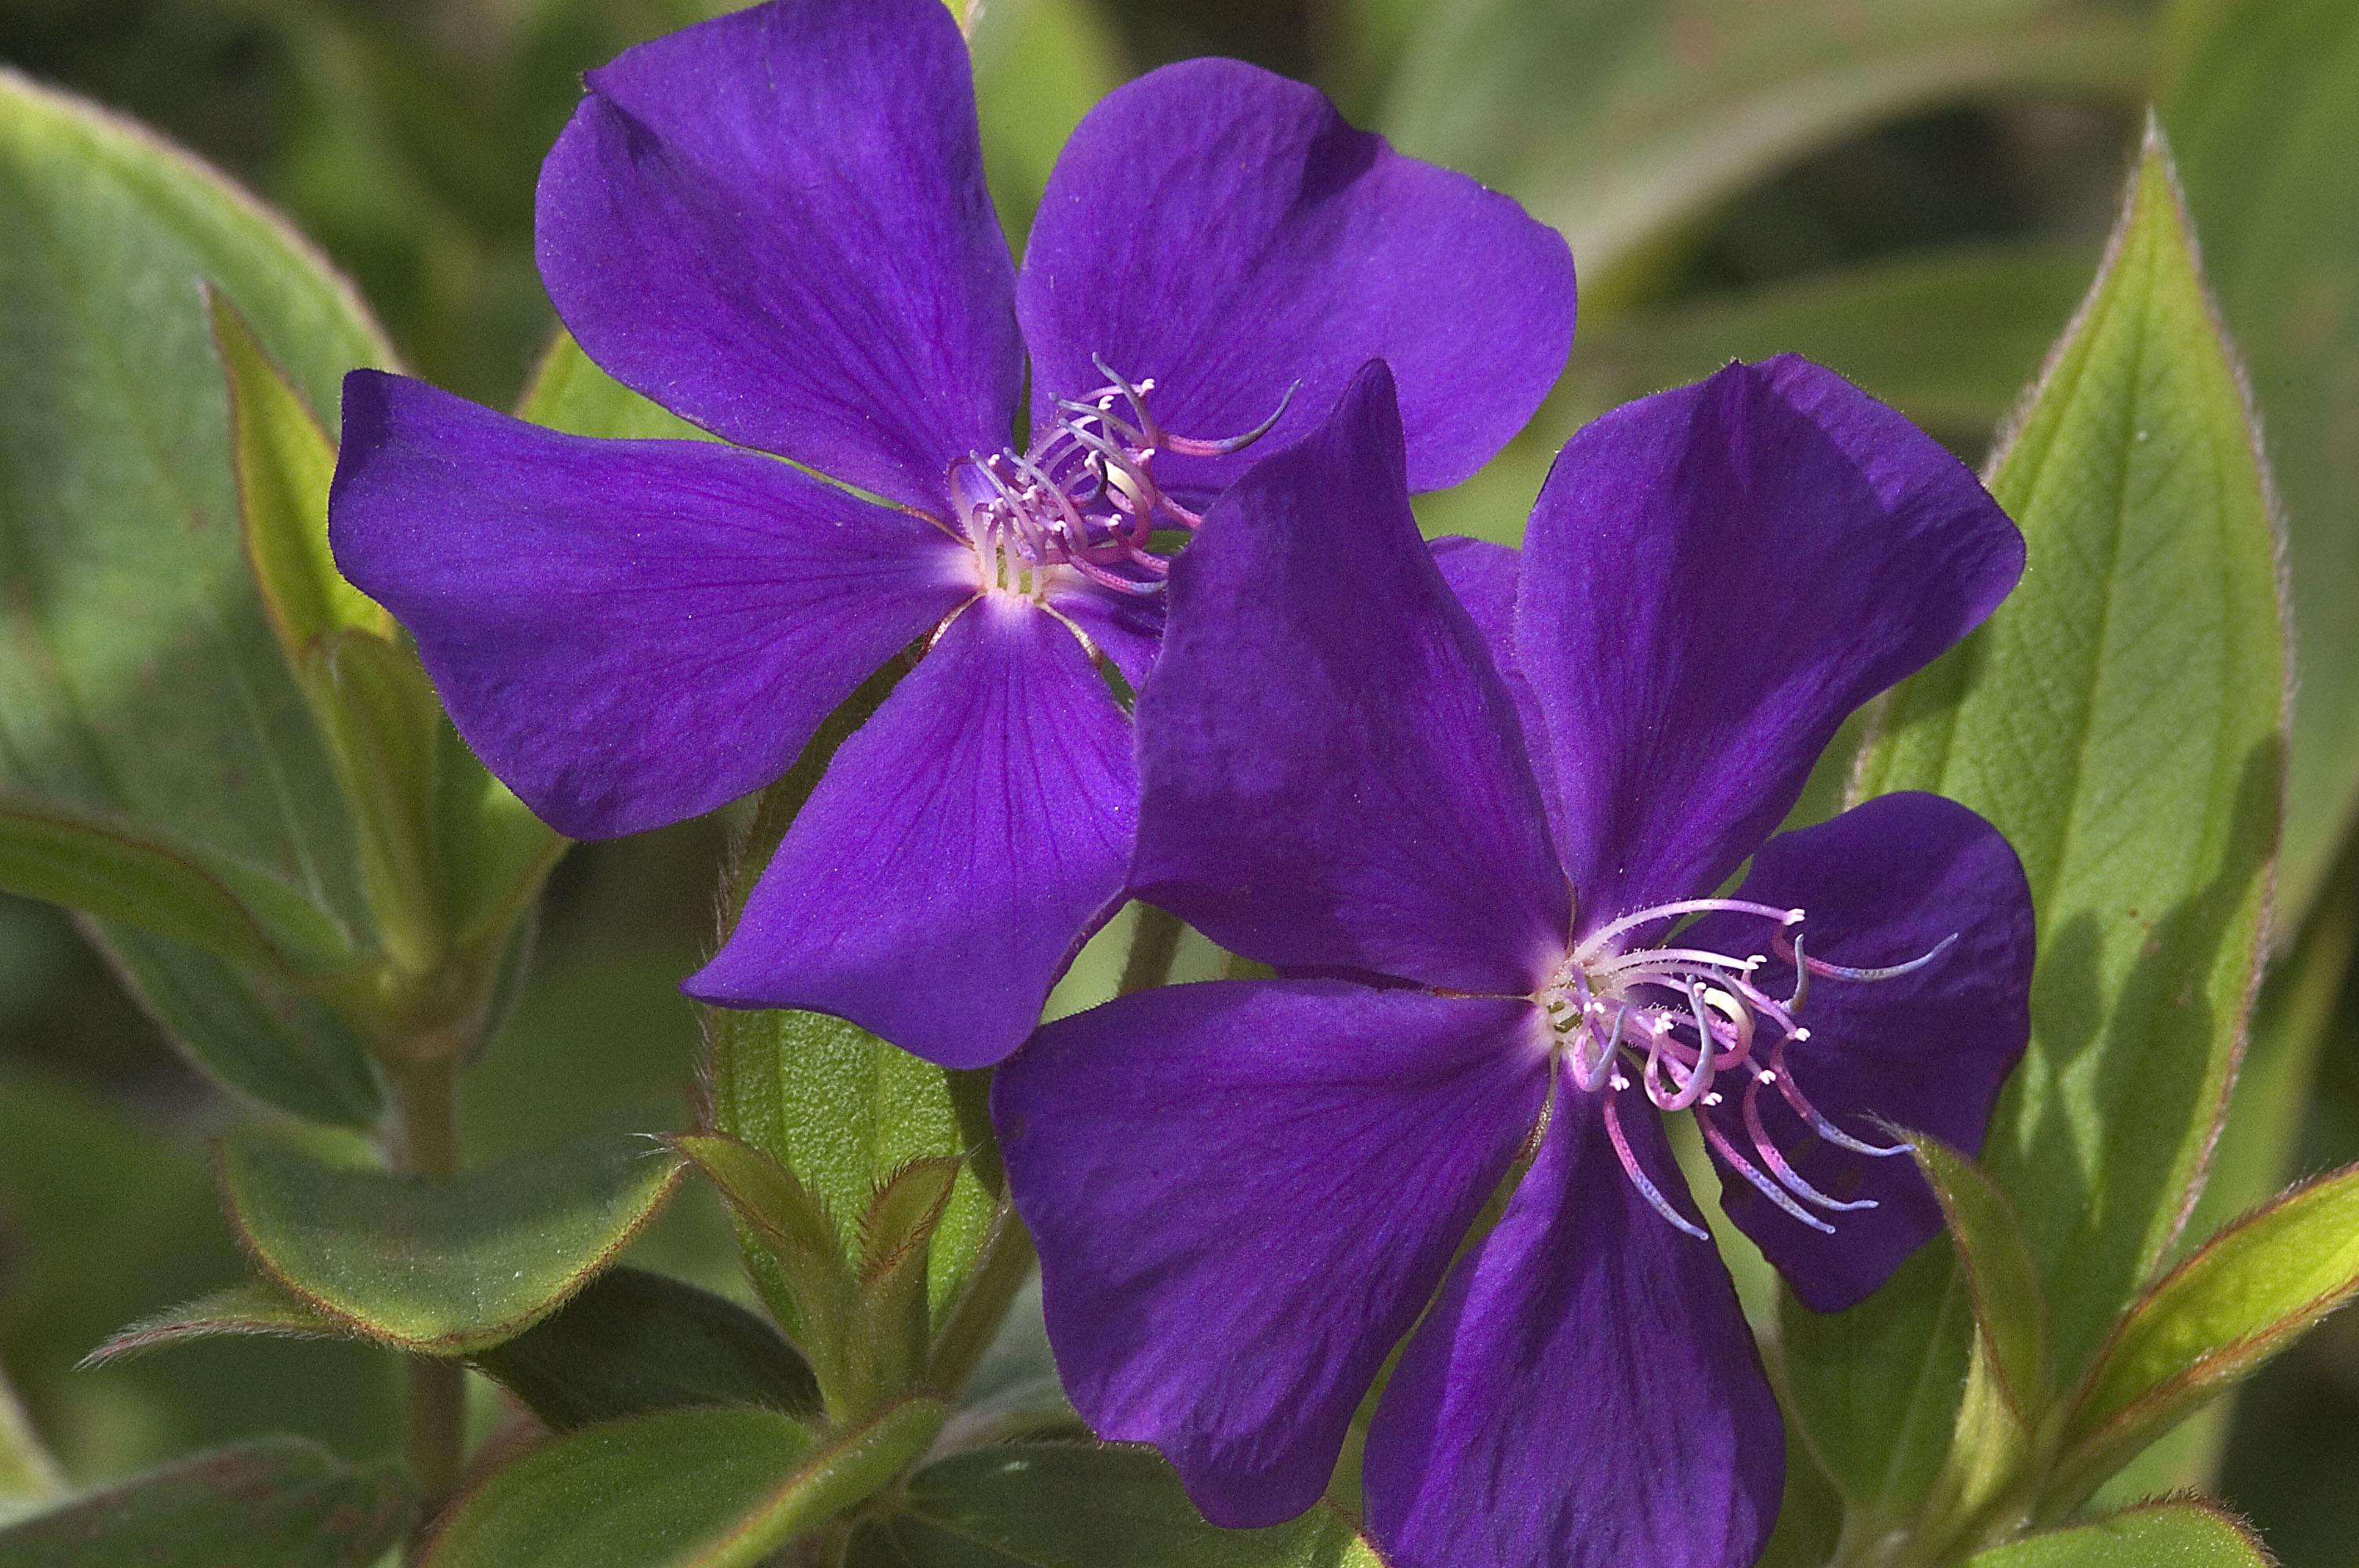 699 21 Princess flower Tibouchina urvilleana in Mercer Gardens Hu